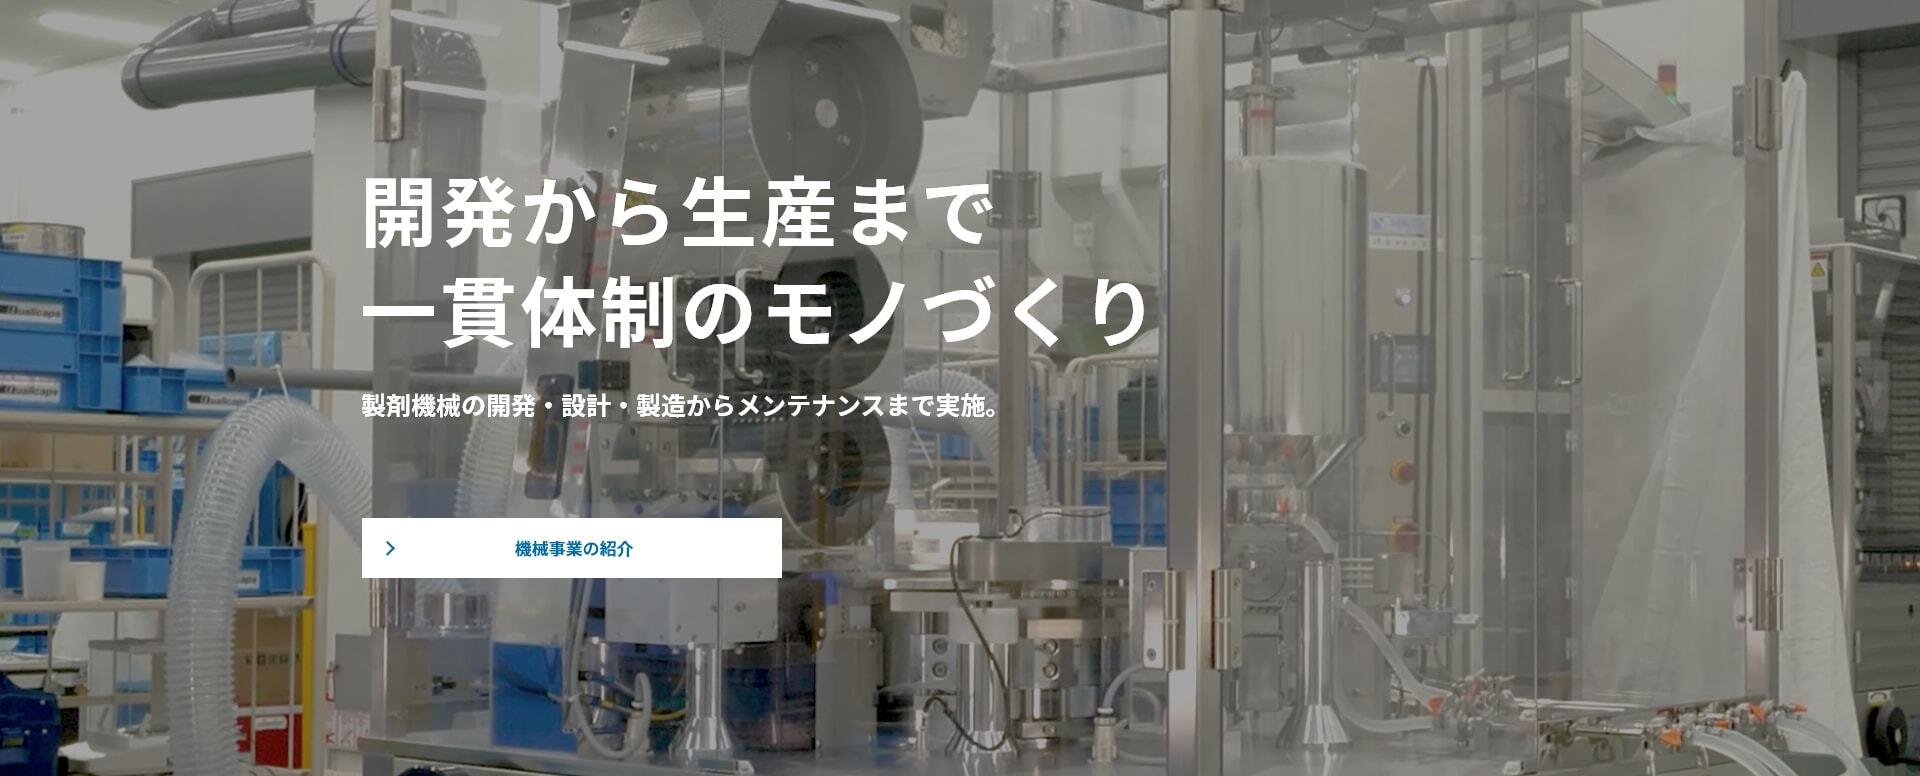 機械事業の紹介